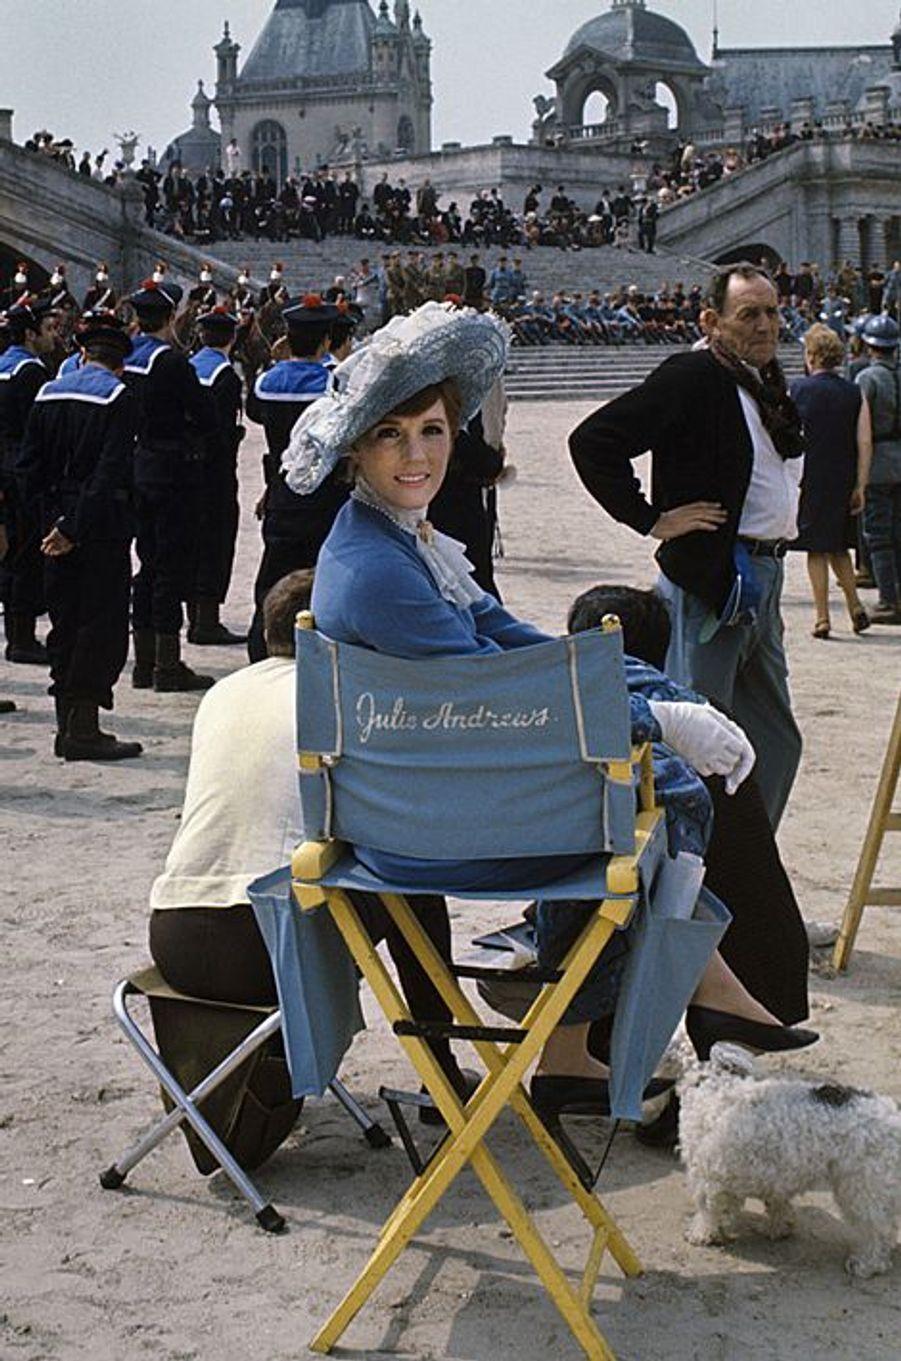 Août 1968. Pas de vacances pour Julie Andrews. Pourtant elle est à Paris mais c'est pour le tournage d'un film. En sortant de son hôtel situé juste en face de l'ambassade d'Angleterre, elle s'engouffre dans une DS noire. Il pleut et elle dit au chauffeur «encore la pluie ! Quel dommage que la Paramount ne puisse pas acheter le soleil !». La voiture part pour le Château de Chantilly où le metteur en scène américain Blake Edwards tourne une comédie musicale «Darling Lili». Julie Andrews a 32 ans et elle est la star la plus payée au monde.